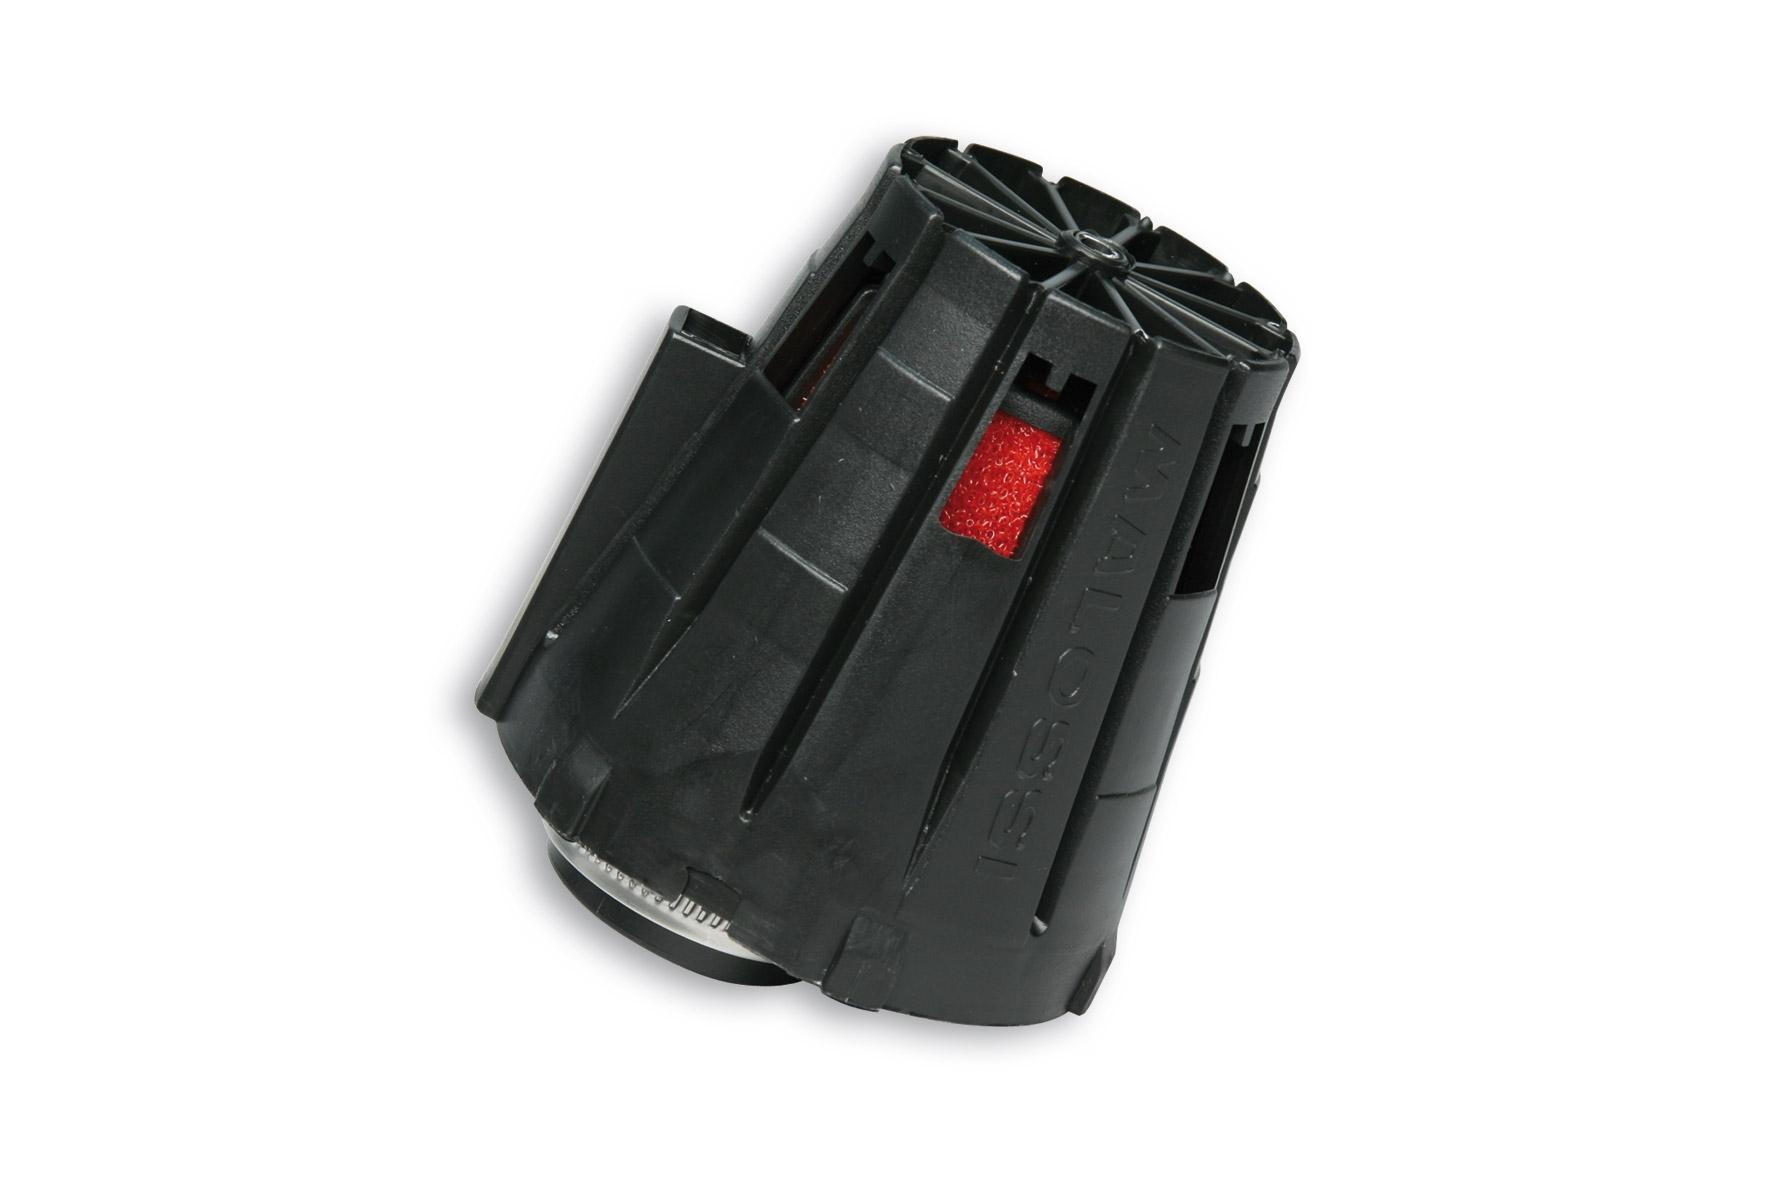 Filtre à air Malossi Red Filter E5 D.35 couvercle noir